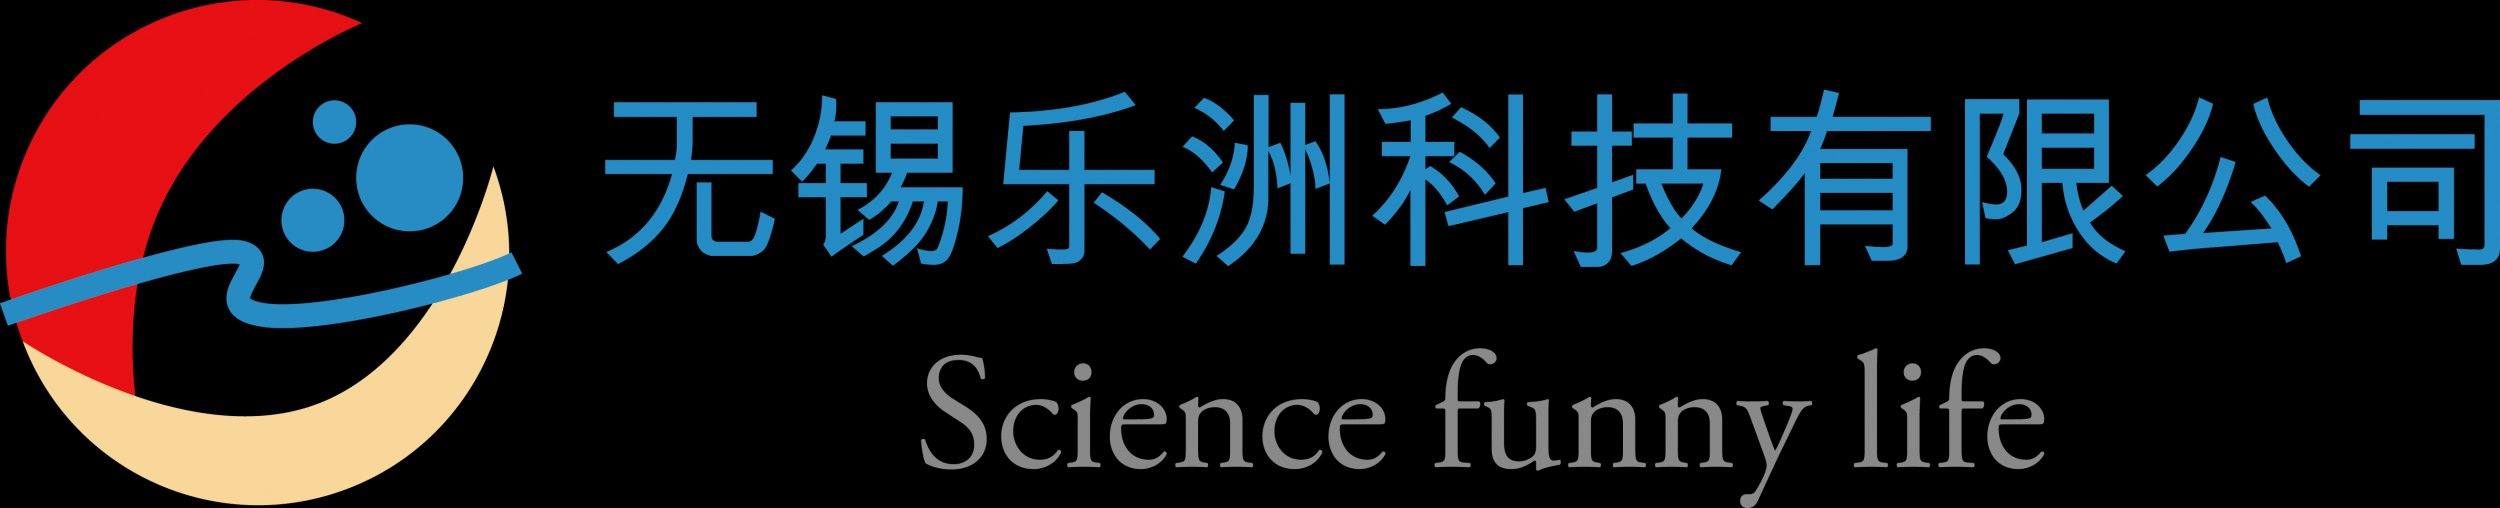 会社logoデザイン